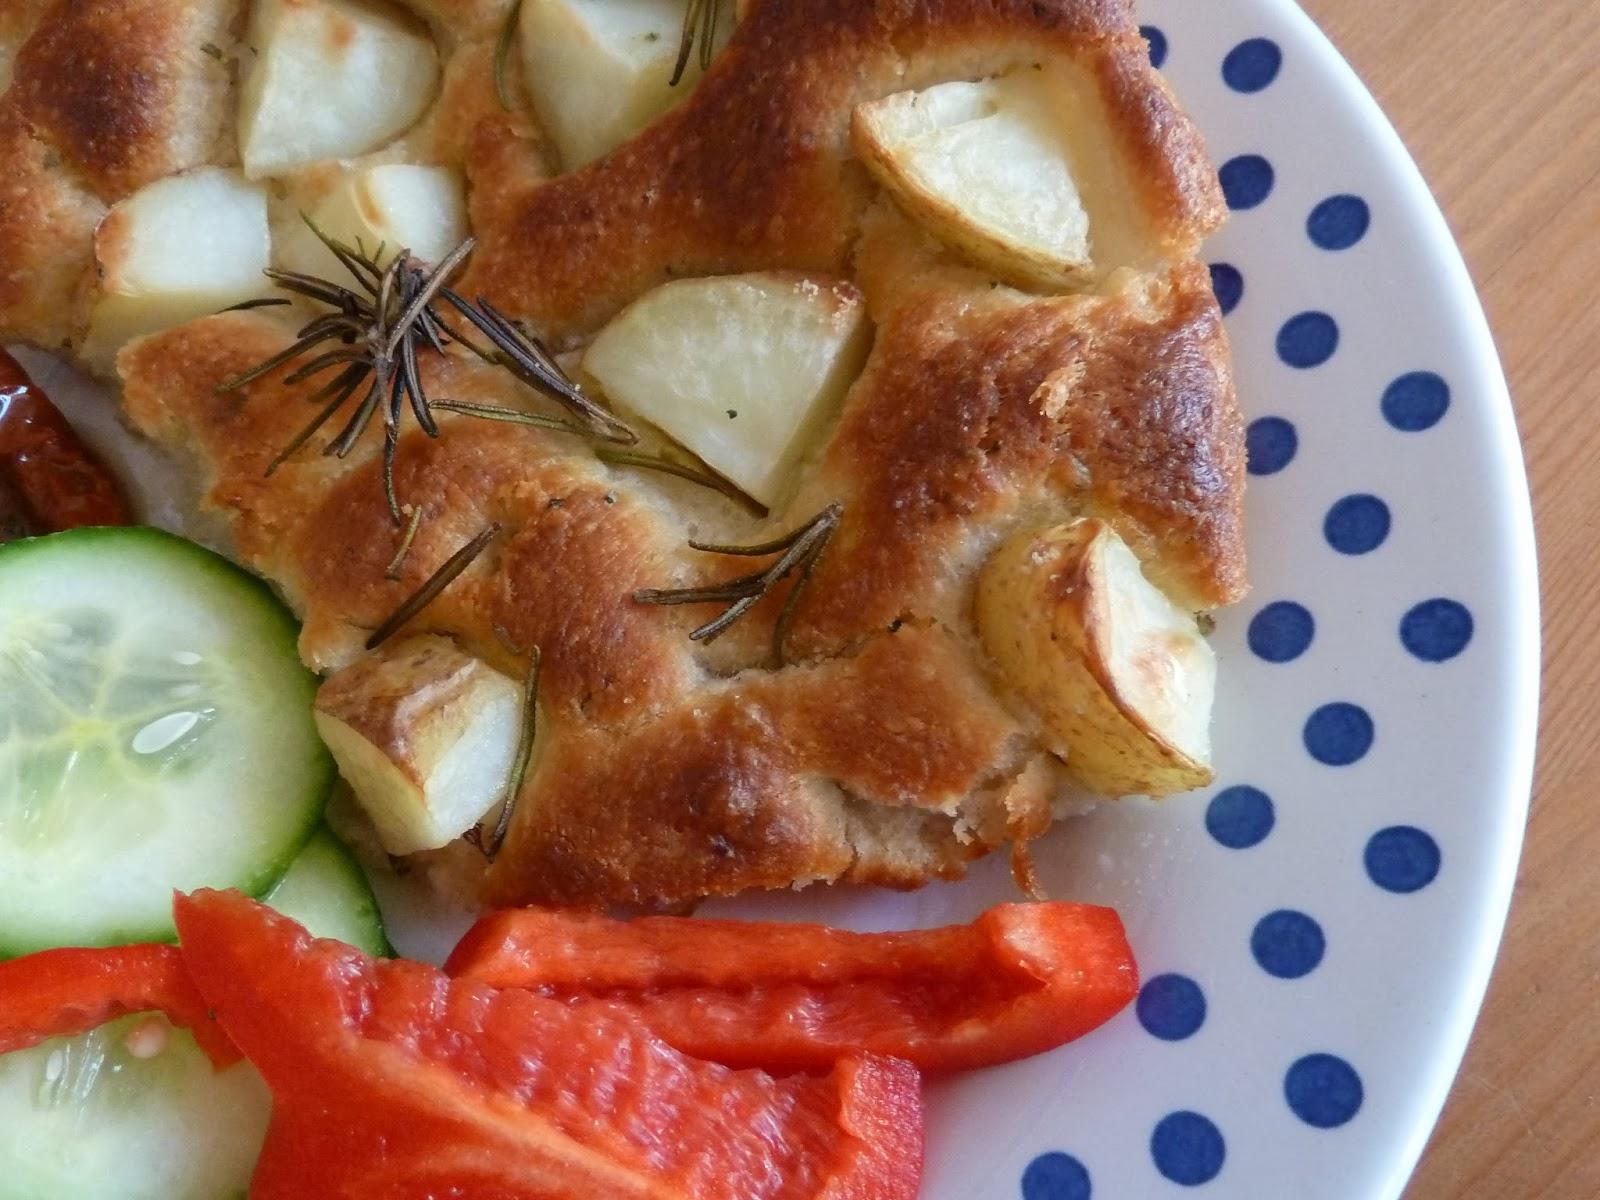 Home made potato, spelt and rosemary focaccia